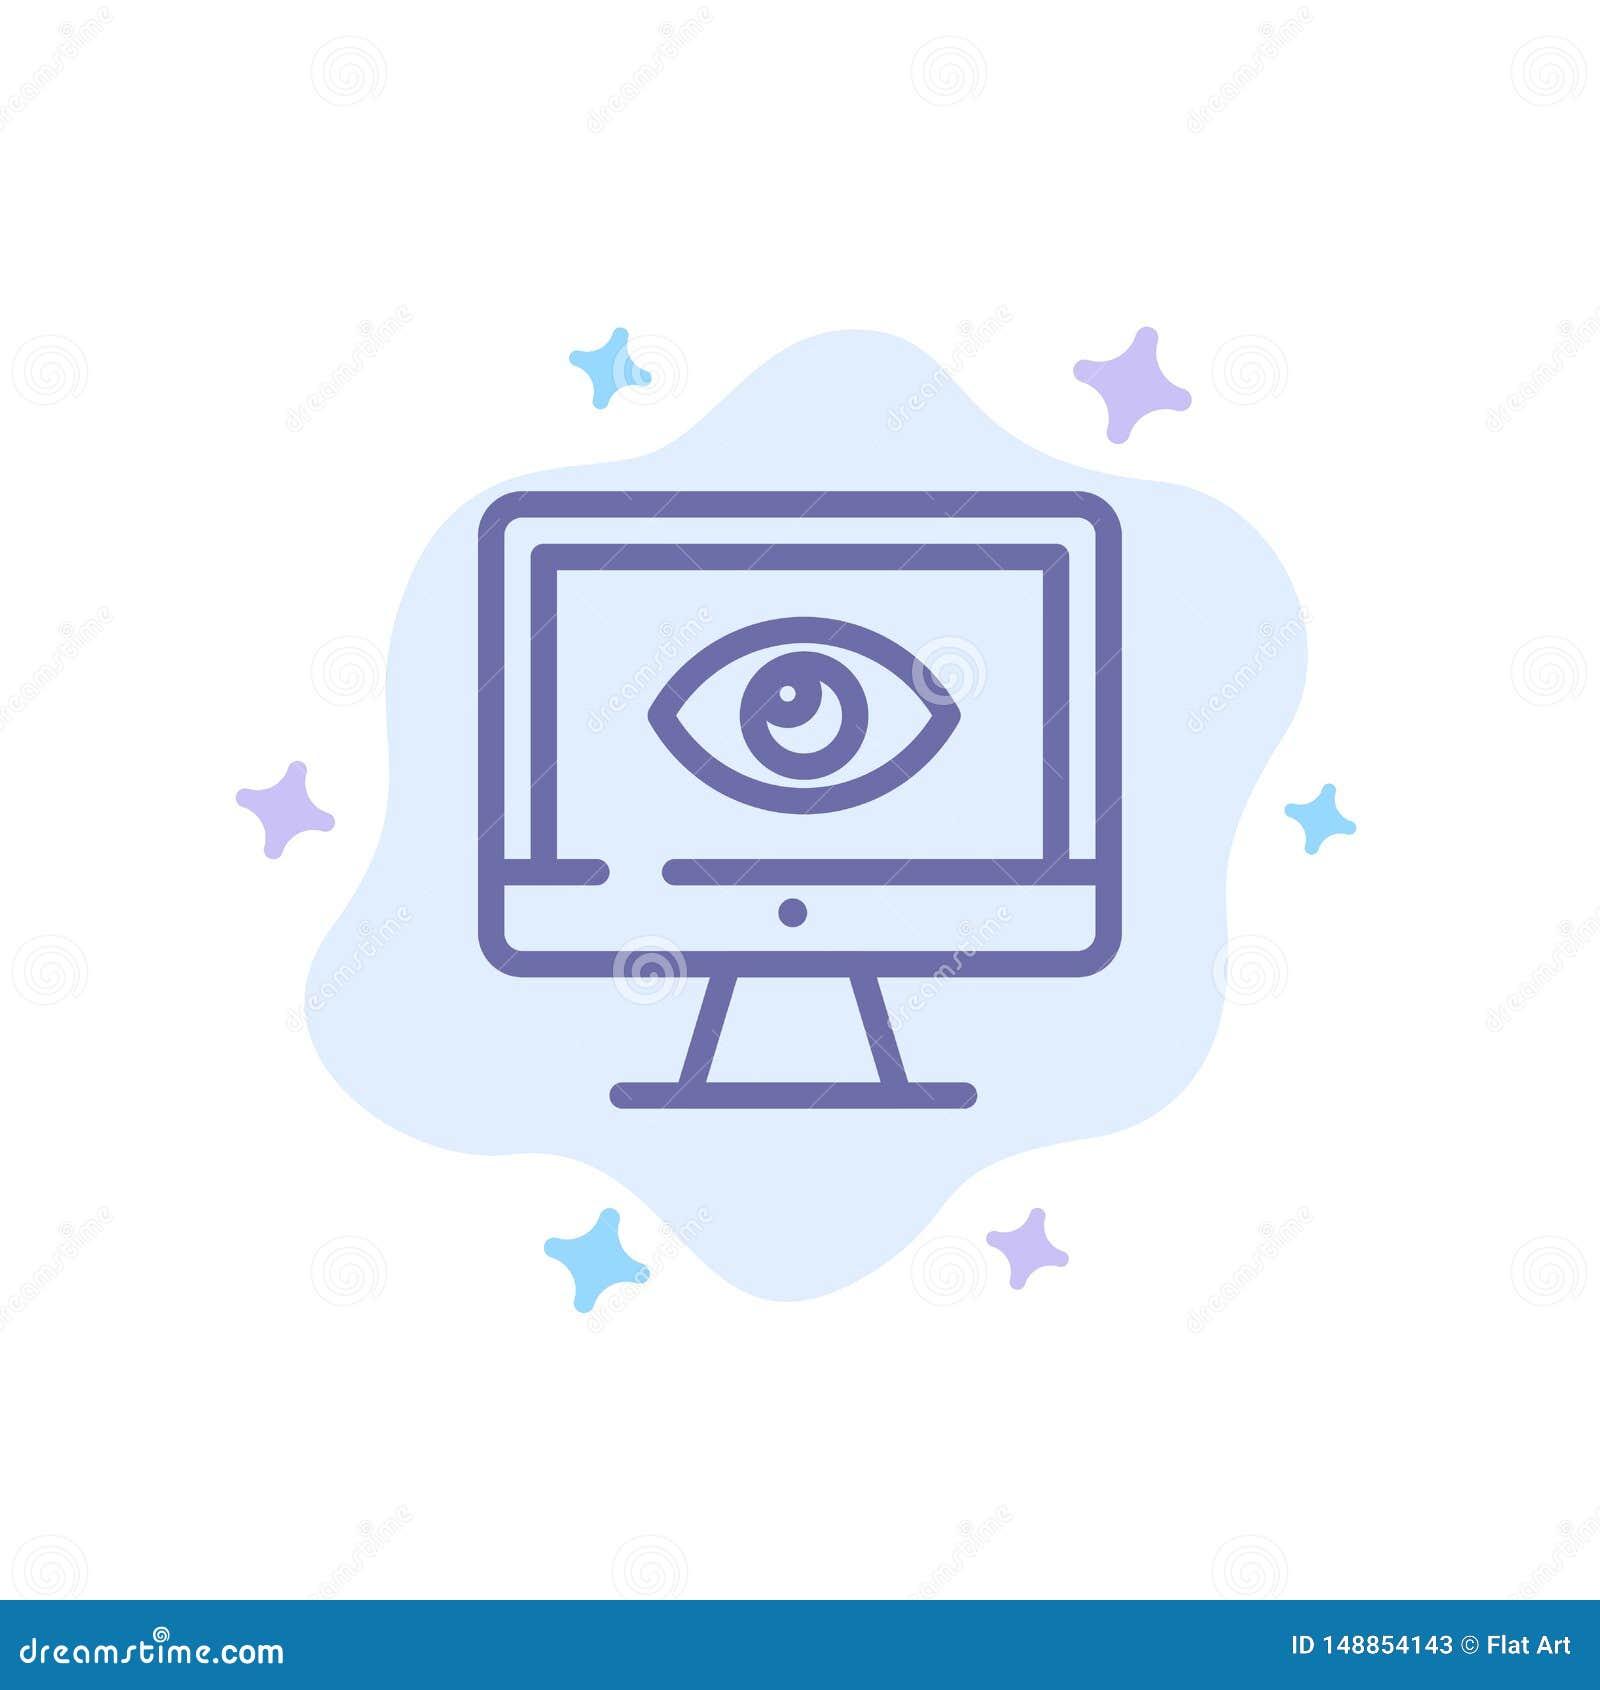 Монитор, онлайн, уединение, наблюдение, видео, значок дозора голубой на абстрактной предпосылке облака